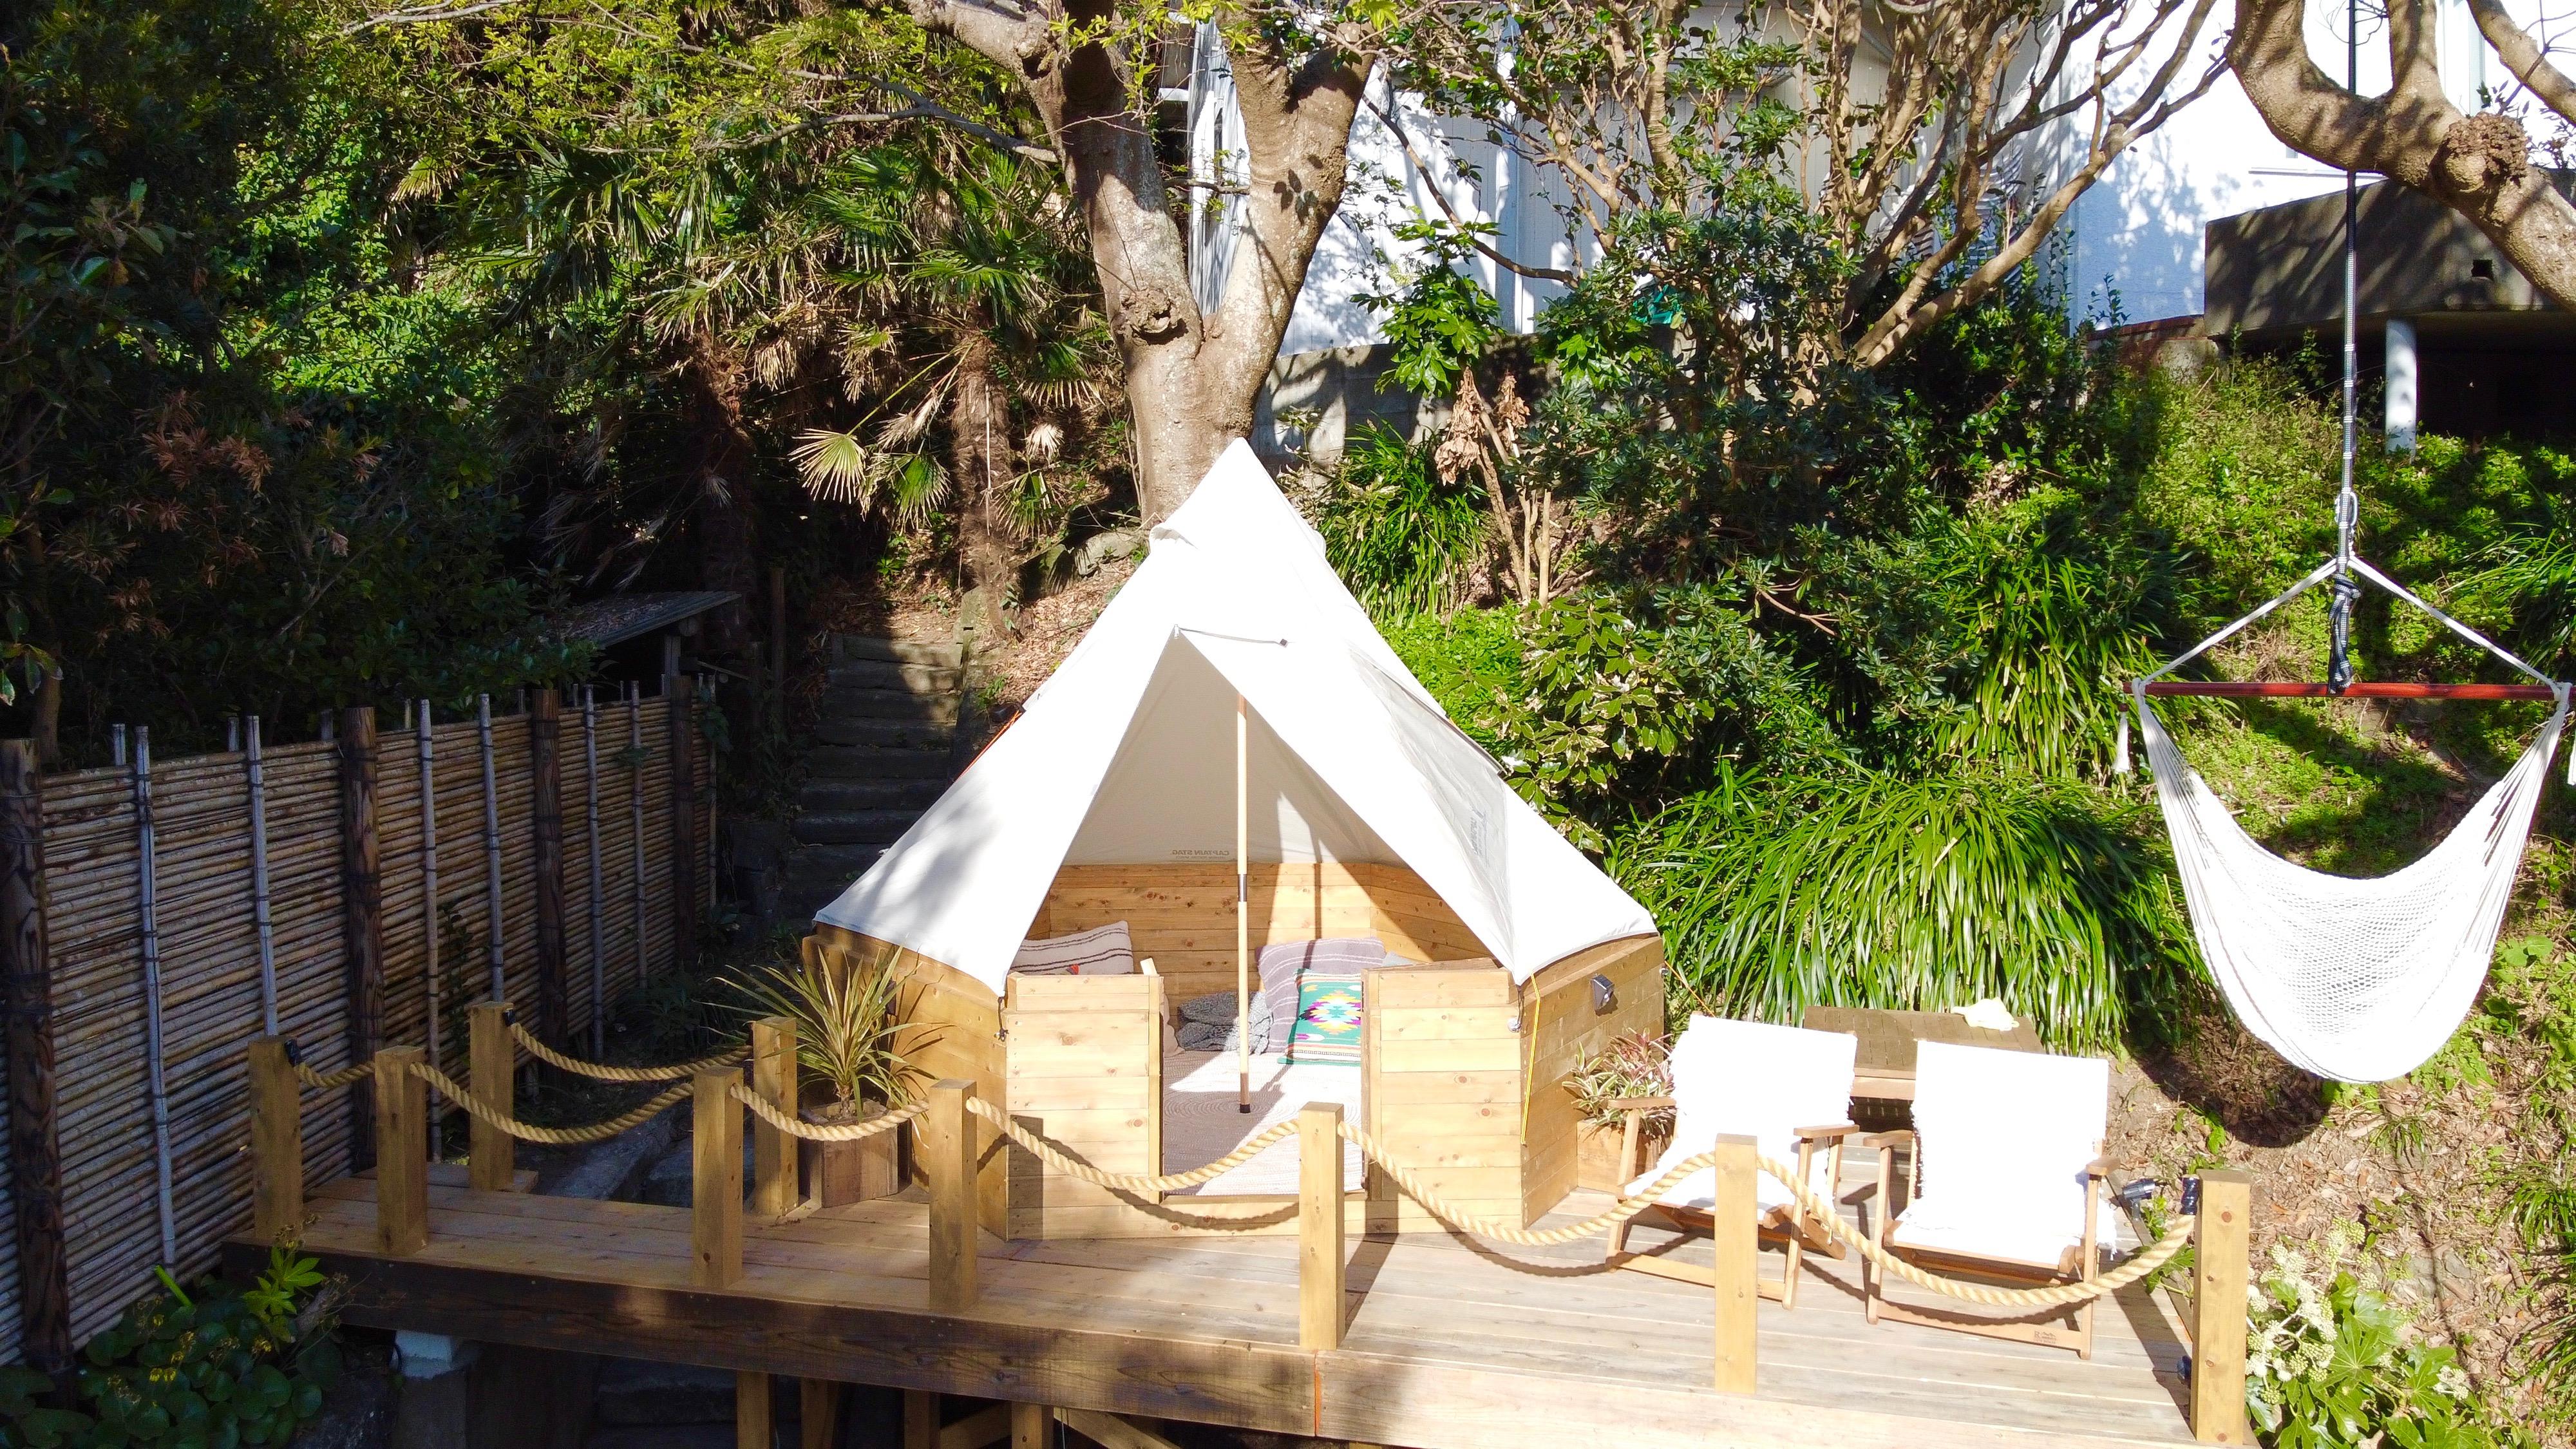 常設テントはご利用の方に限り通常の料金の半額でご利用頂けます。(HPに通常料金等記載がございます)